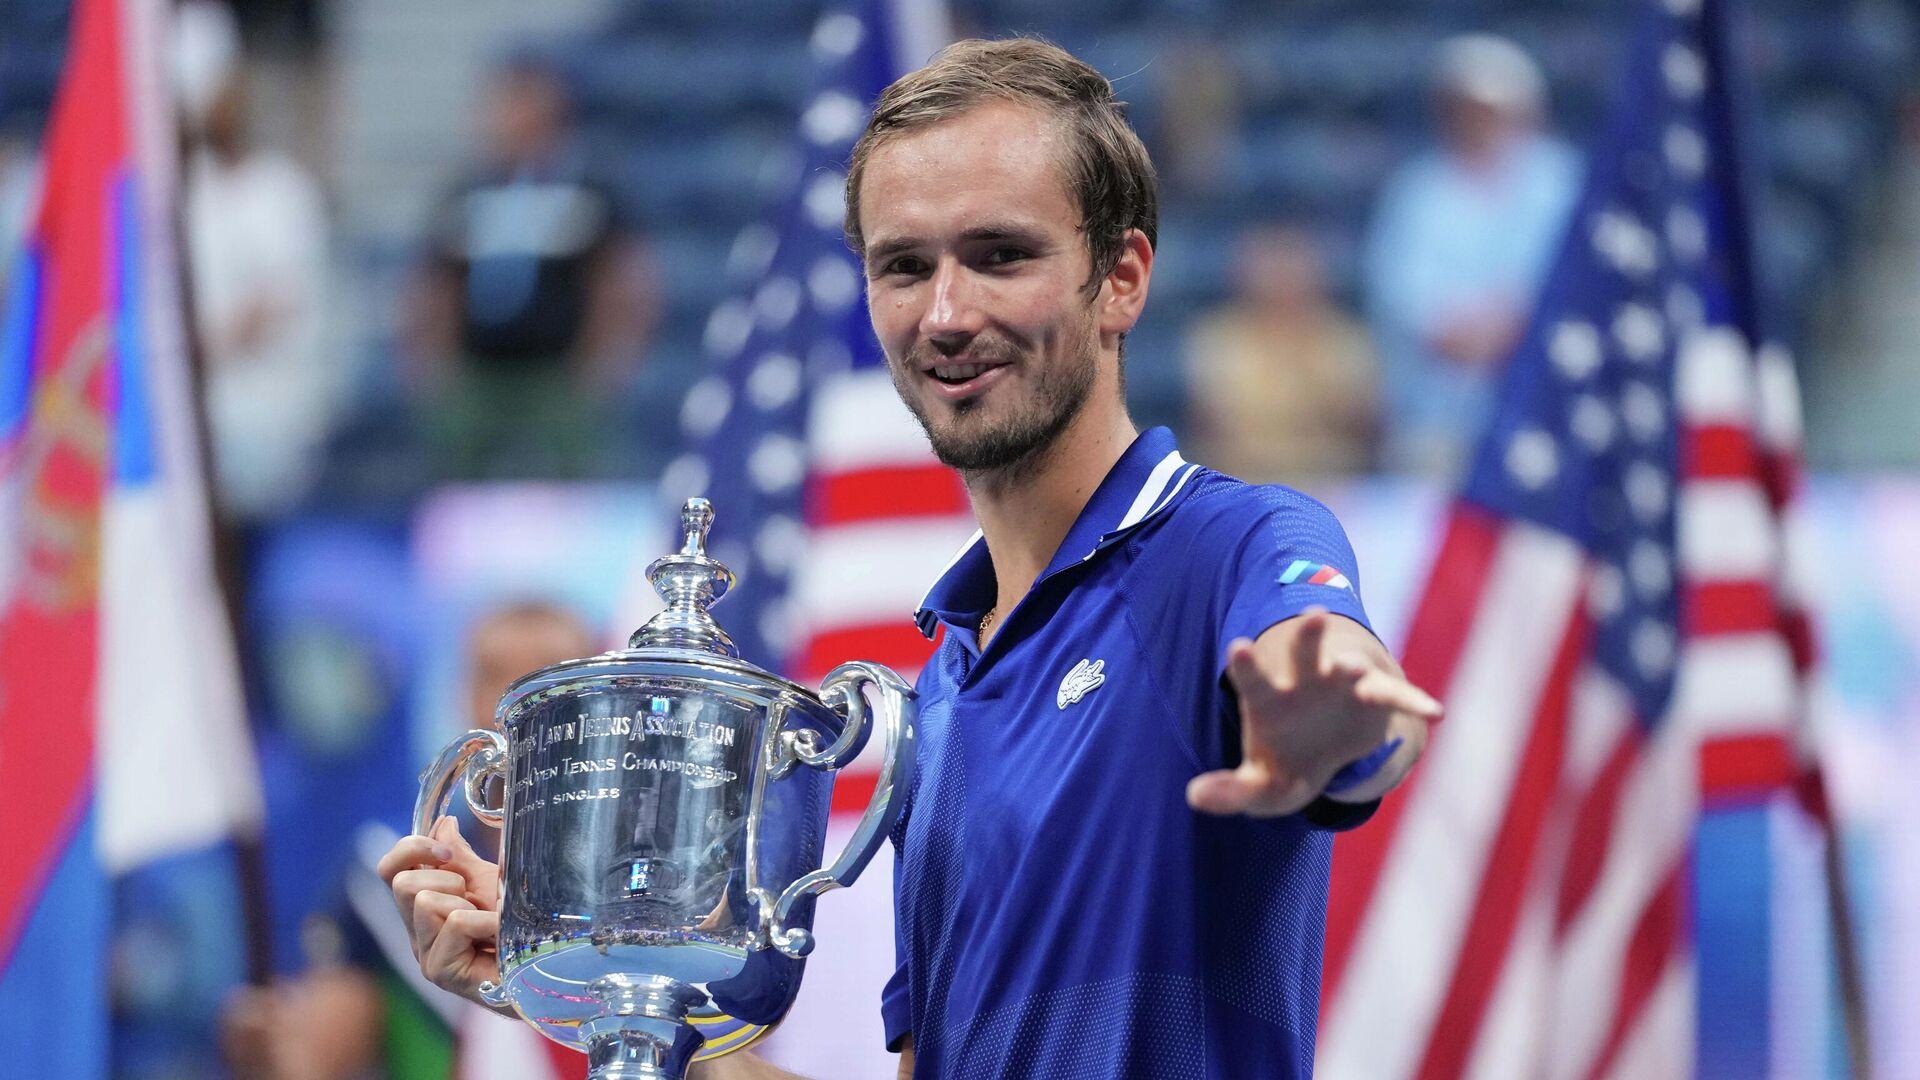 Российский теннисист Даниил Медведев - победитель US Open. - РИА Новости, 1920, 21.09.2021